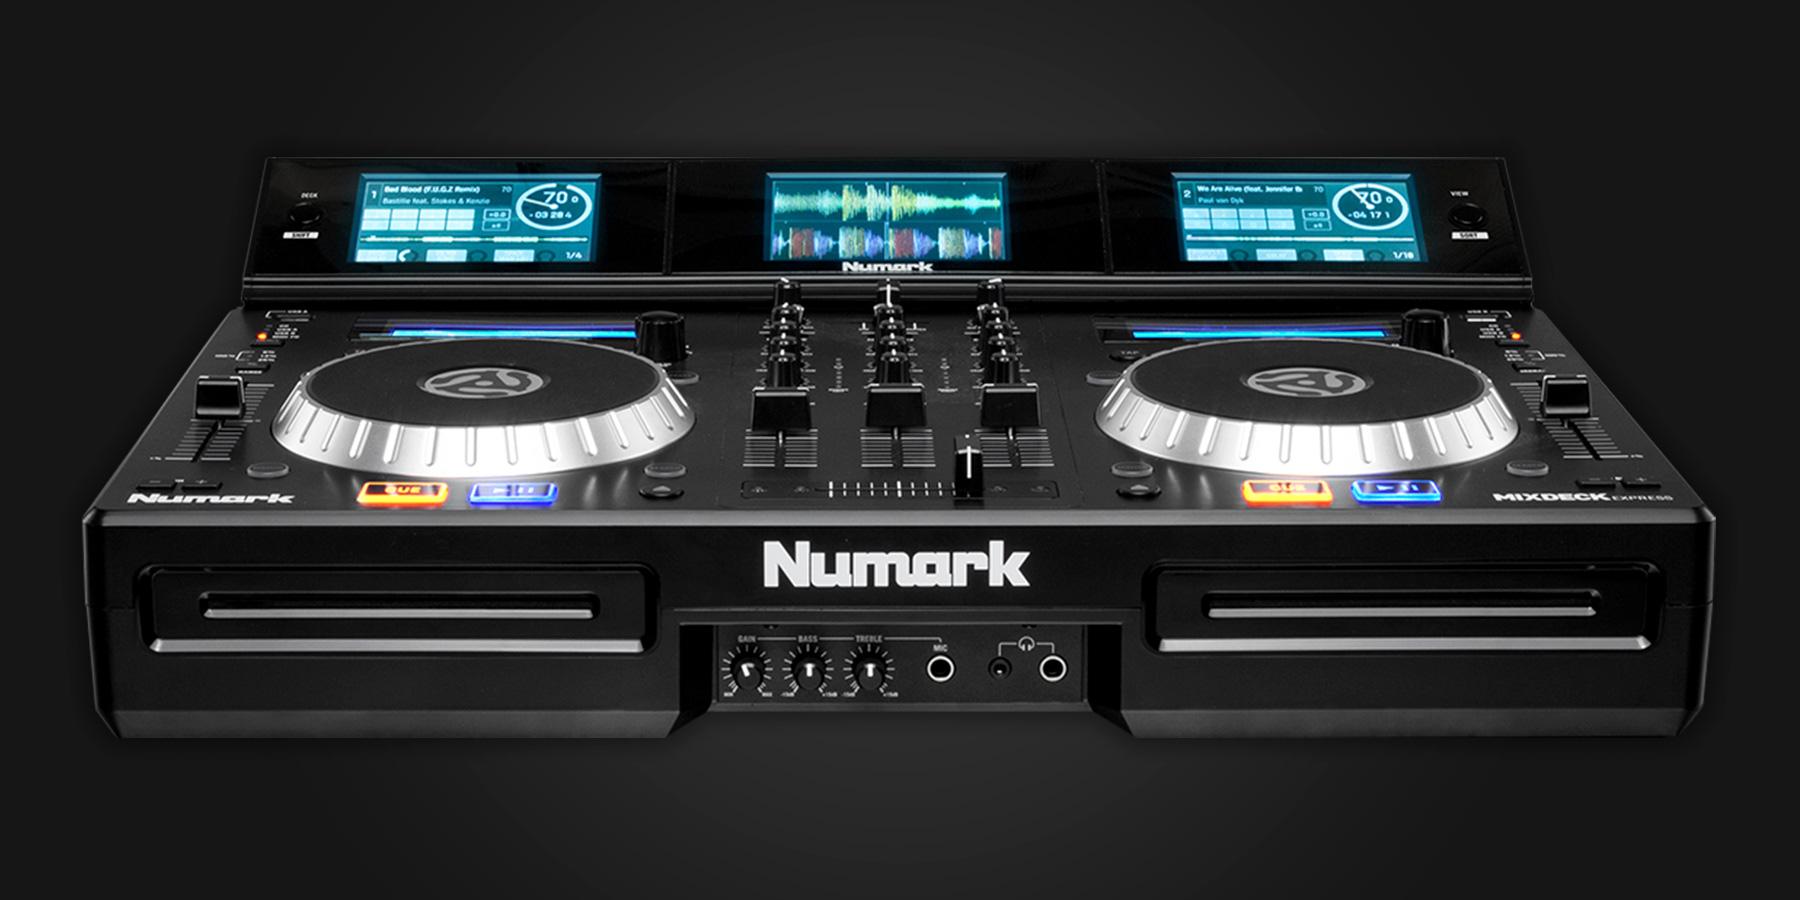 Numark Dashboard Serato Dj Hardware